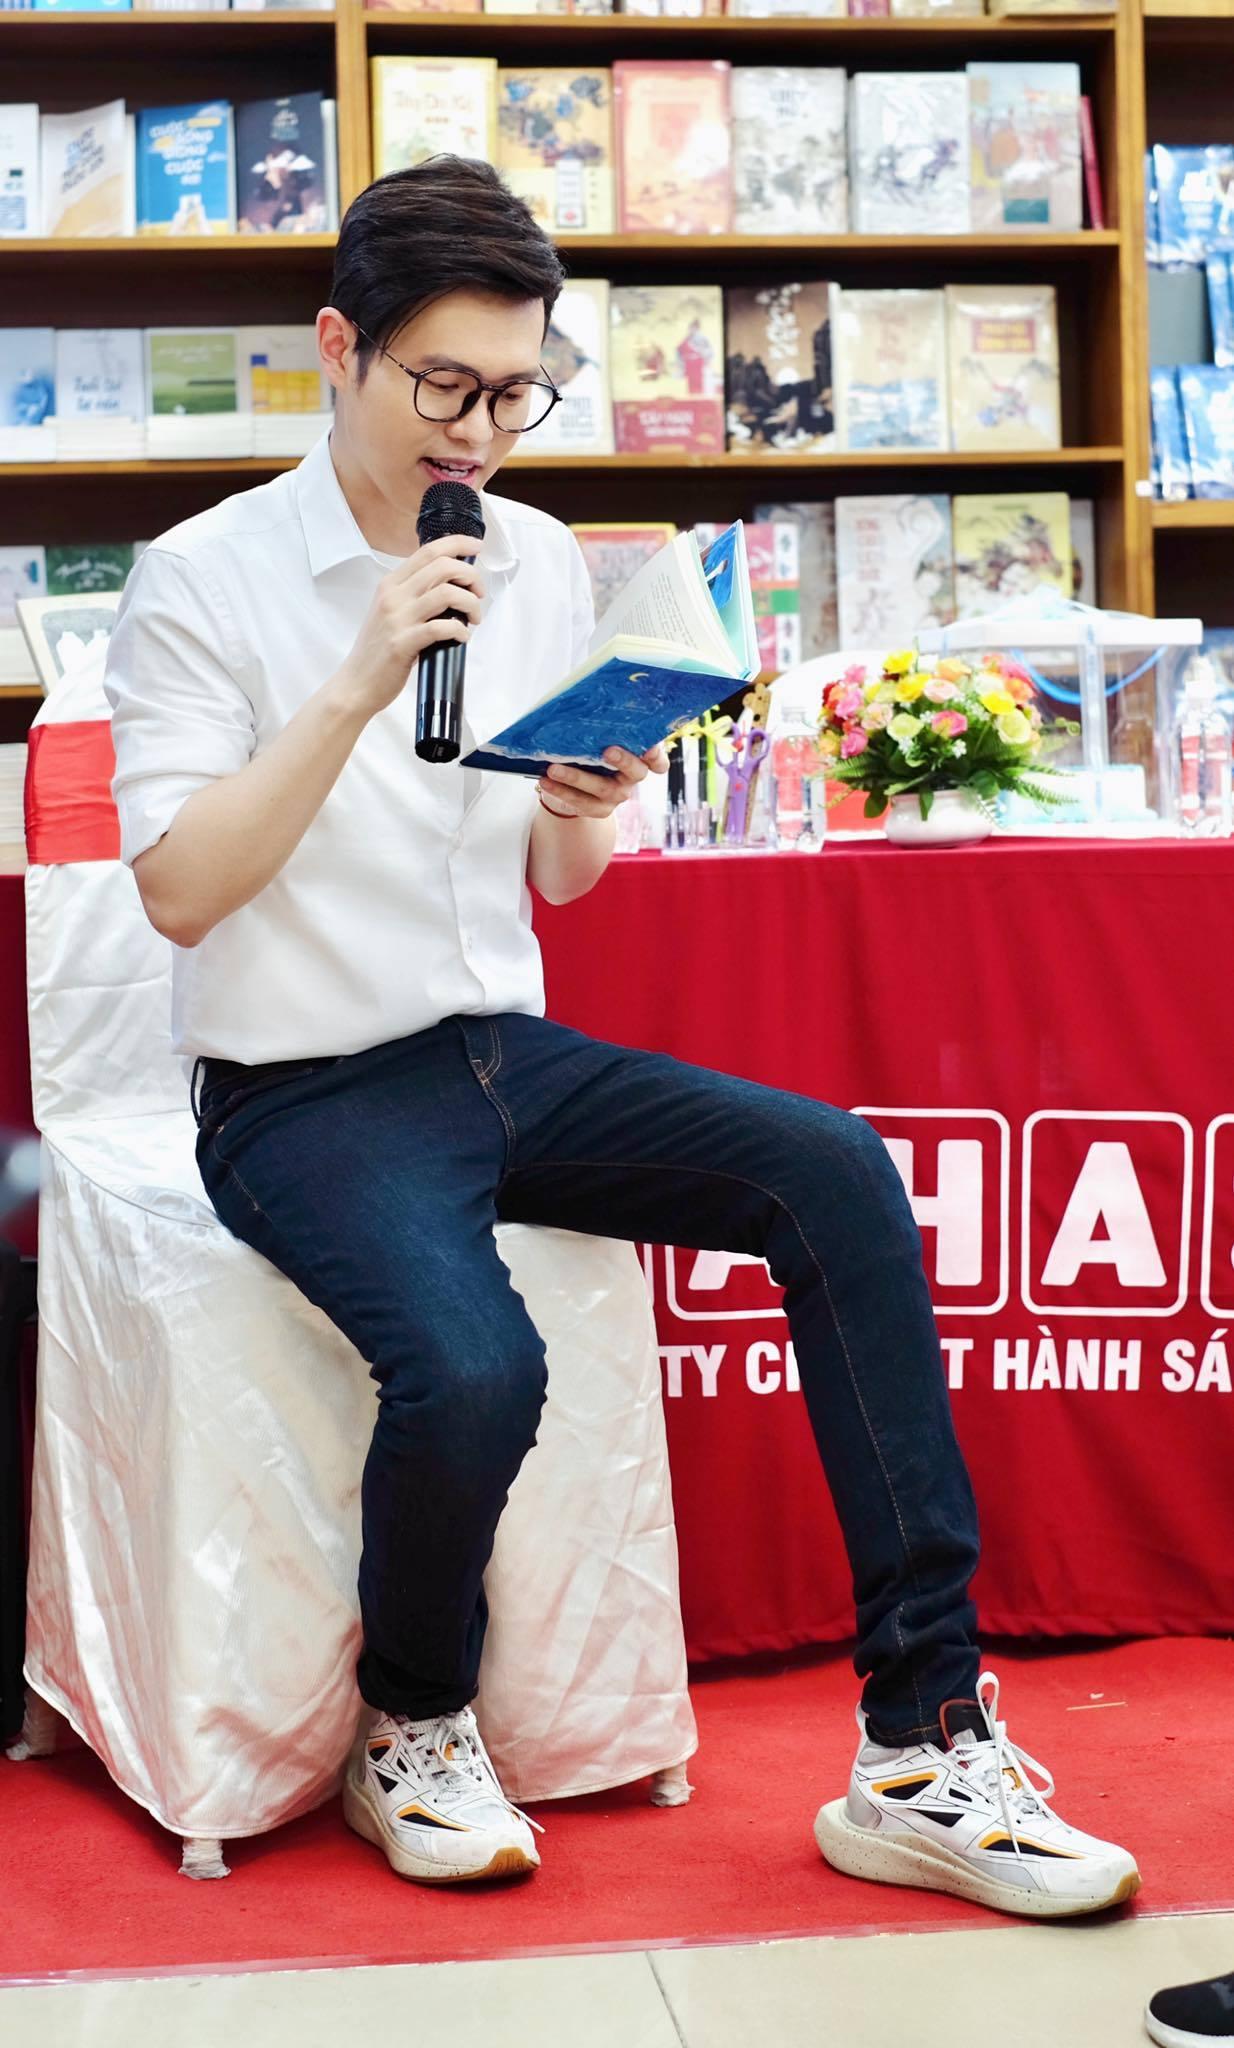 Nhà văn Anh Khang: 'Đọc sách giống như đi hẹn hò một người tri kỷ'